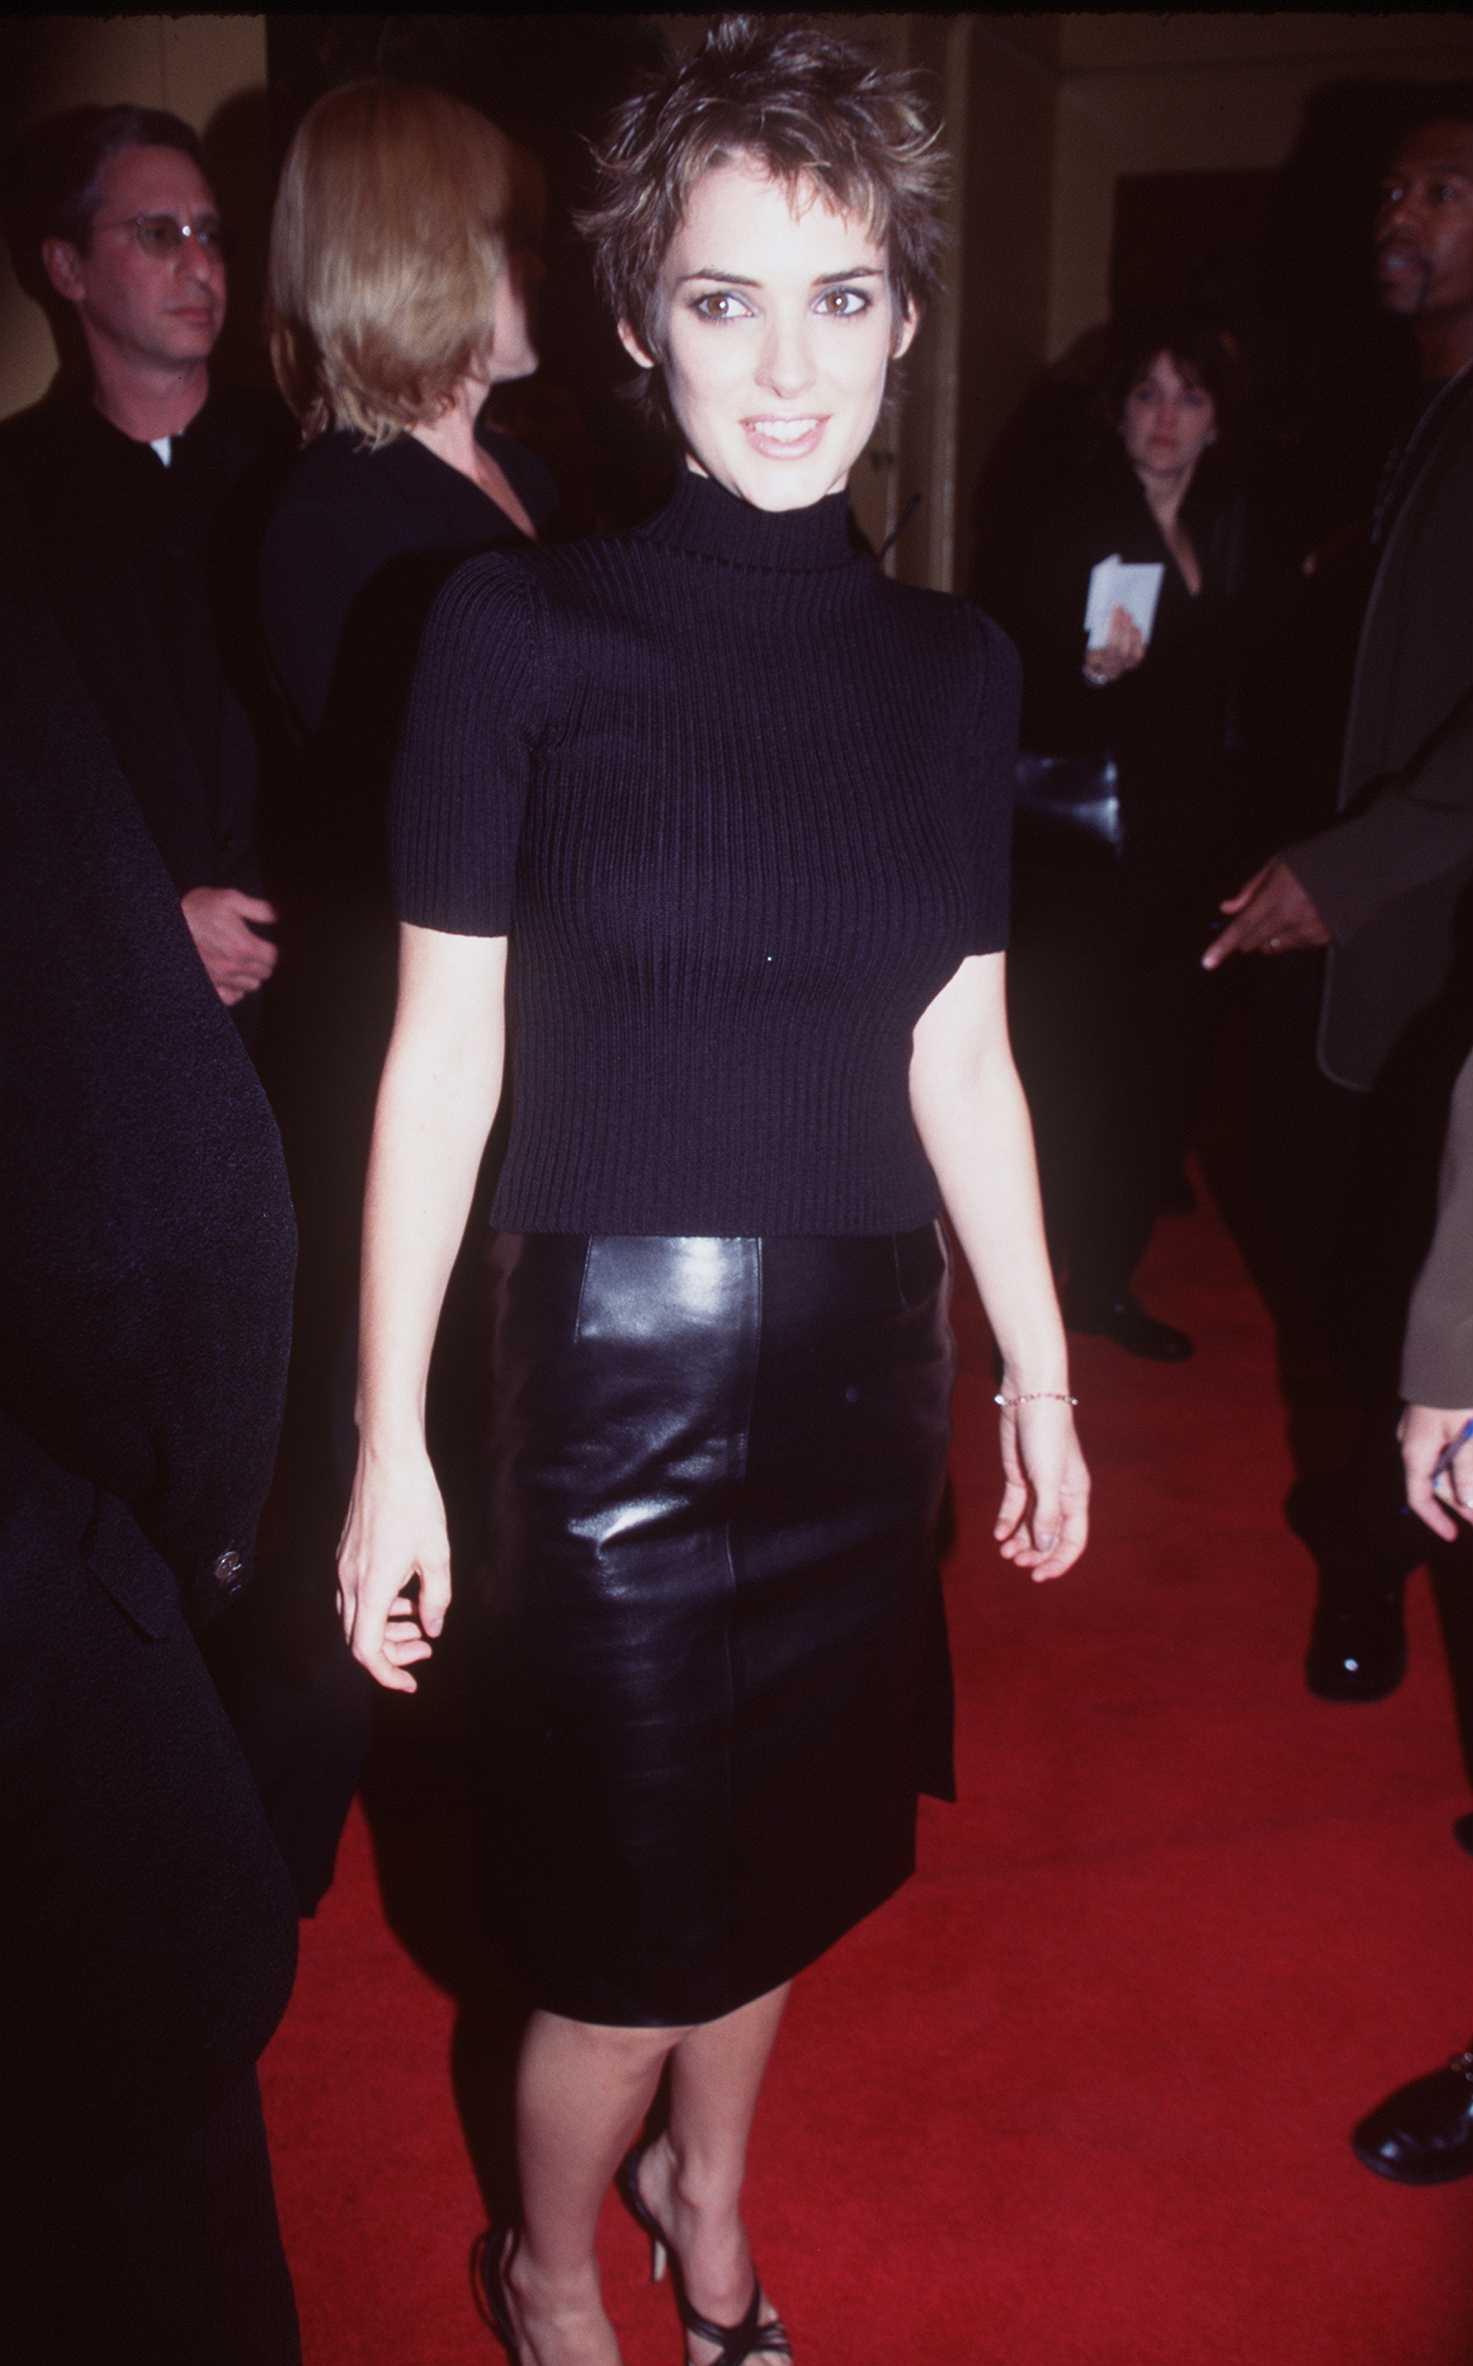 <p><strong>Уинона Райдър</strong></p>  <p>Уинона Райдър беше онова гръндж момиче, с гот излъчване, което завладя десетилетието, през което беше гадже с Джони Деп, участваше в серия култови филми и имаше най-готината къса прическа.</p>